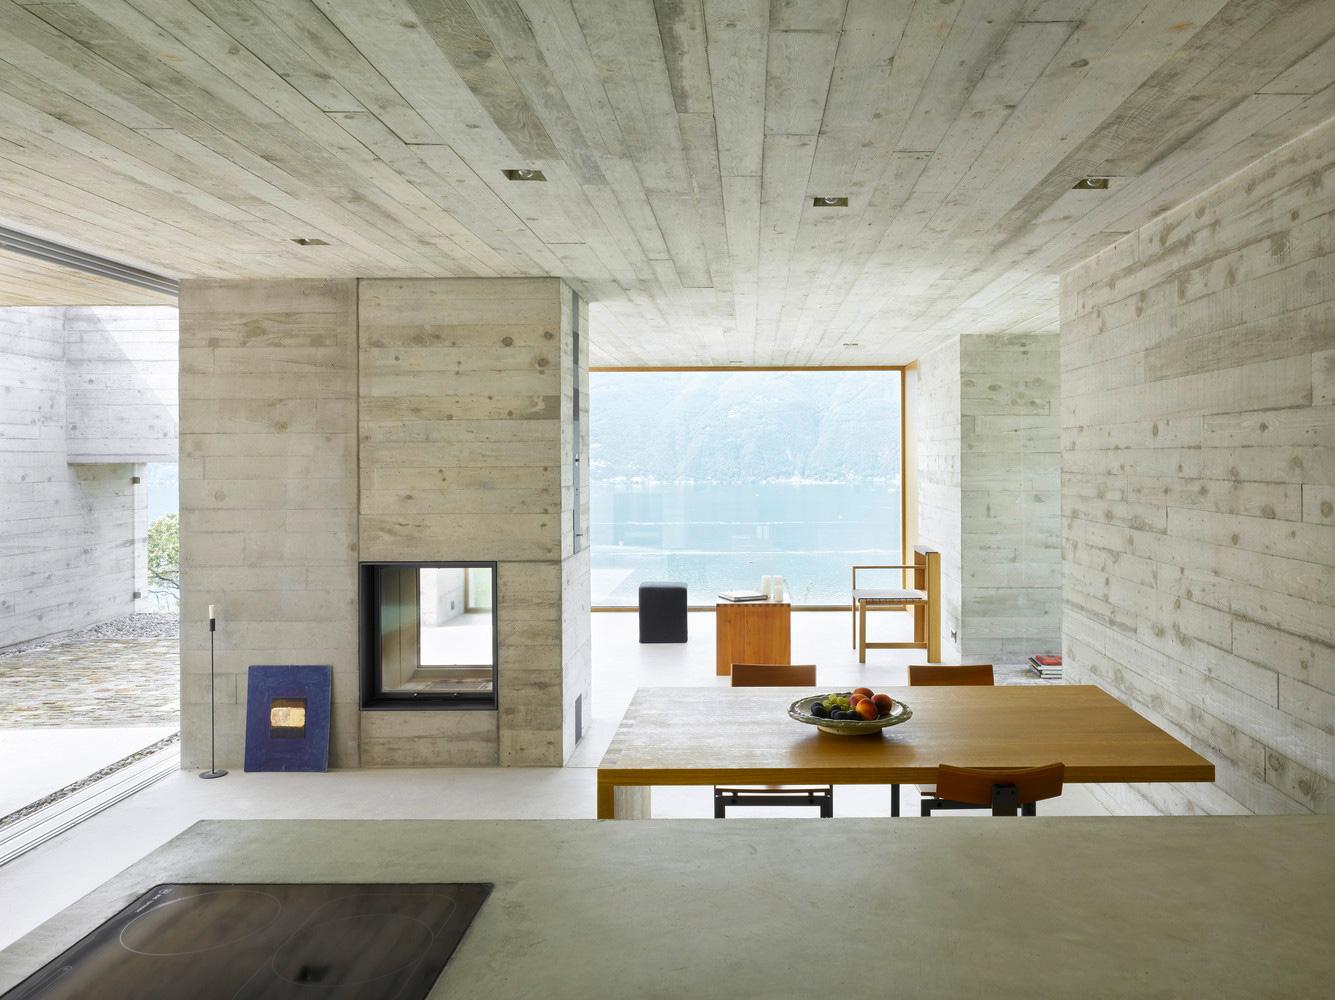 New Concrete House by Wespi de Meuron   Yellowtrace